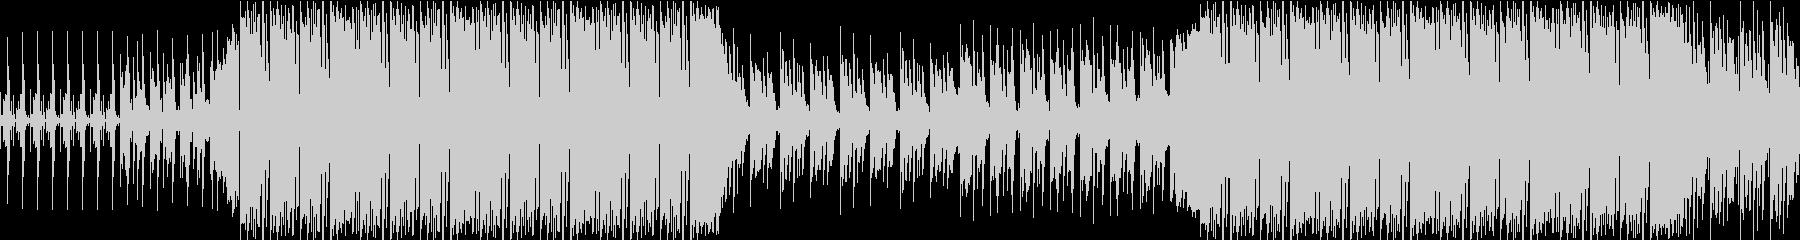 ニューディスコ/ファンク/シティーポップの未再生の波形